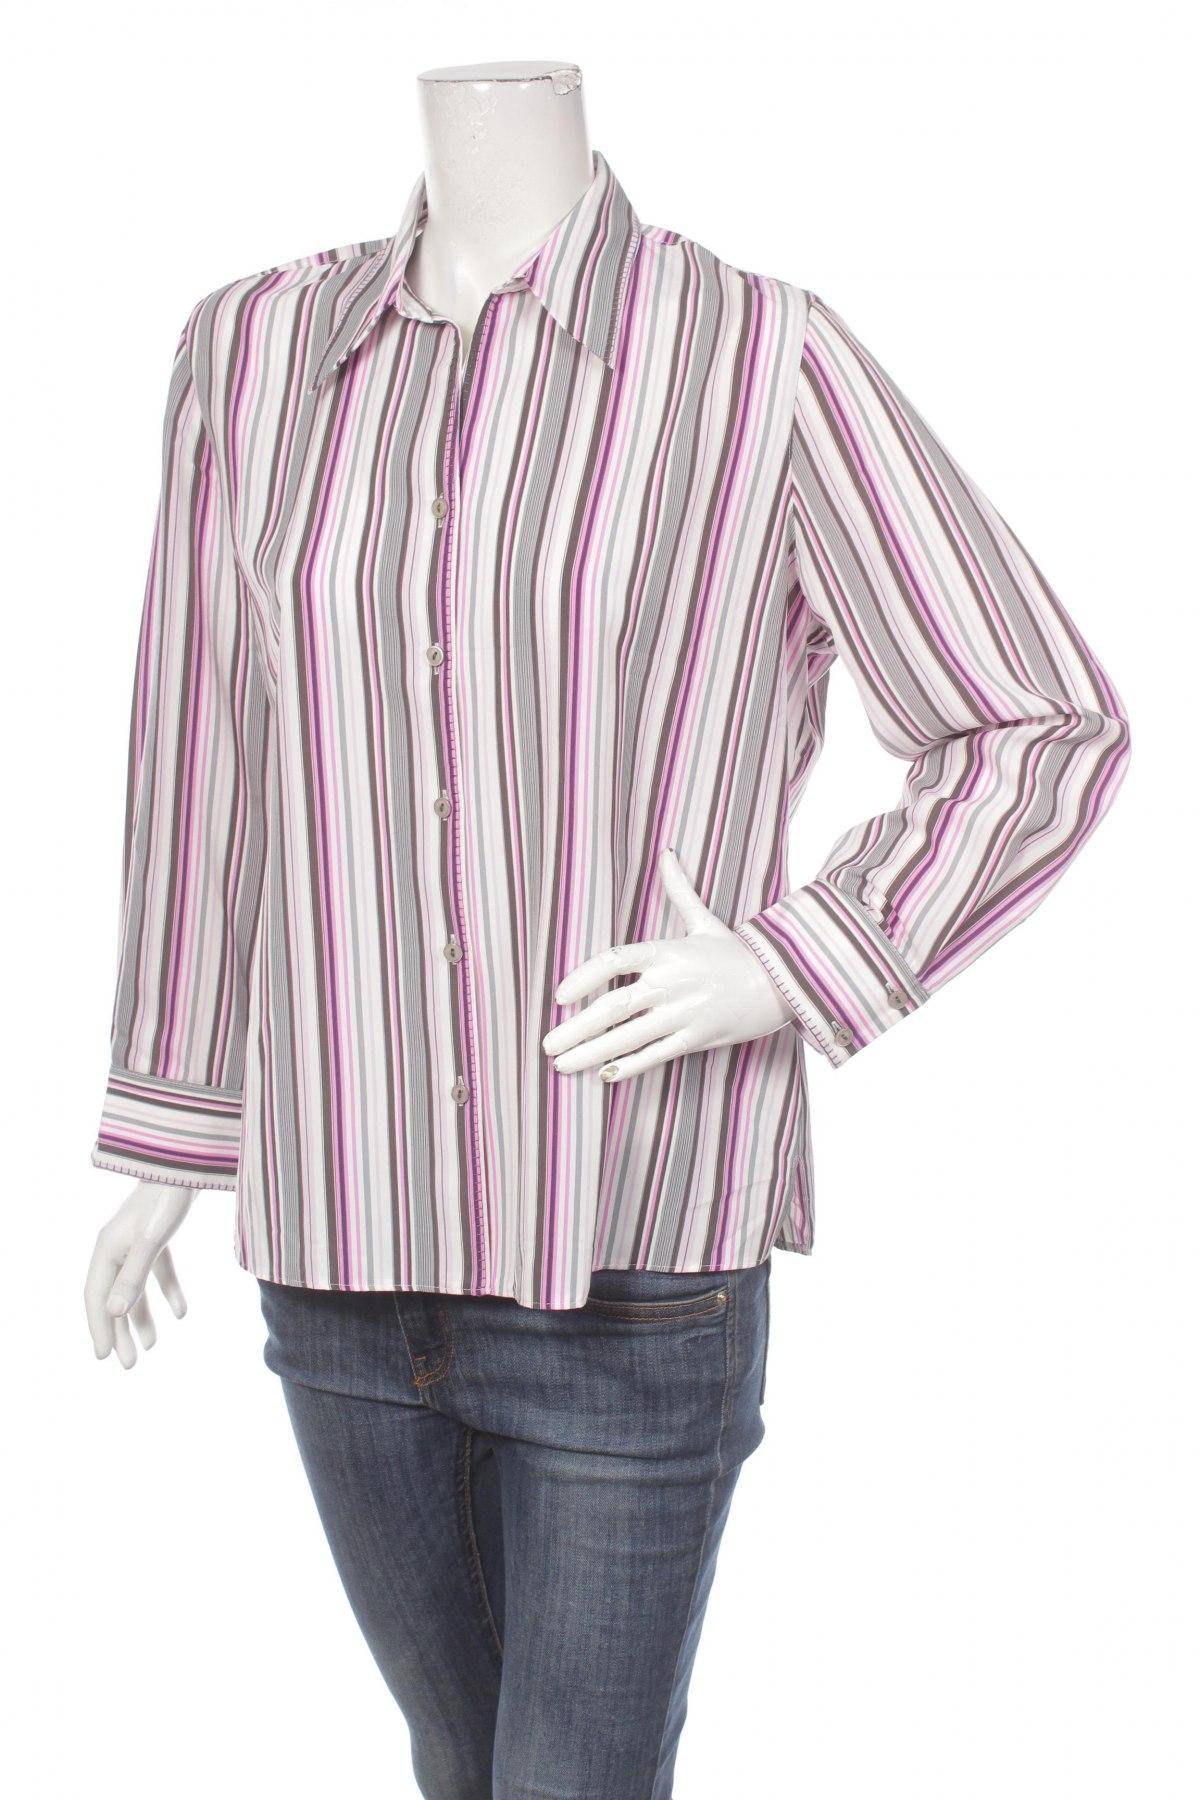 Γυναικείο πουκάμισο Erfo, Μέγεθος L, Χρώμα Πολύχρωμο, Τιμή 14,23€